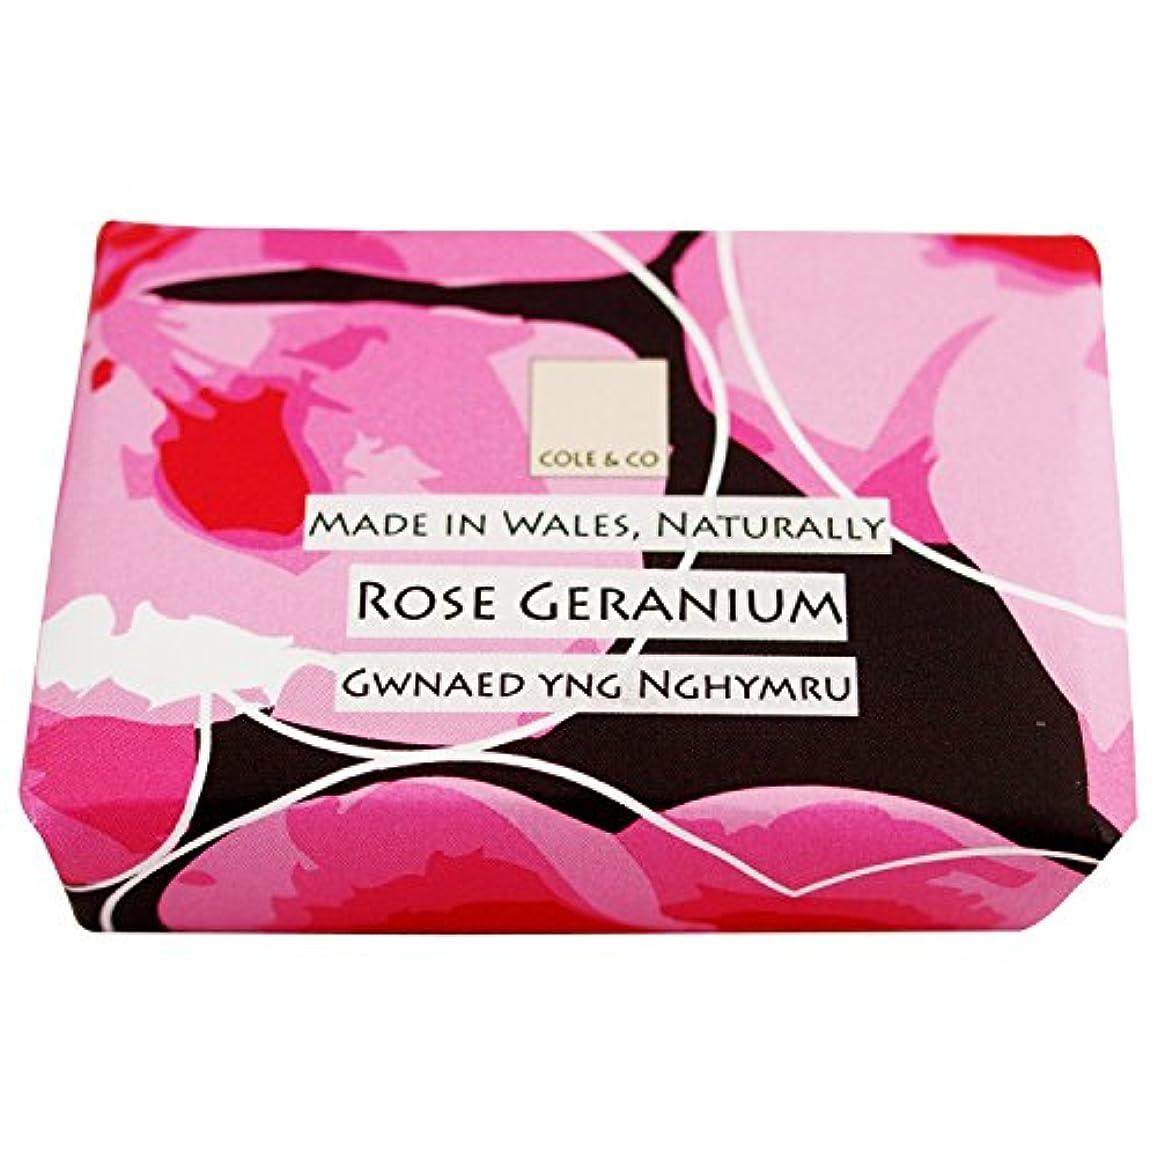 引き出しゆり特にコール&Coはゼラニウム石鹸80グラムのバラ (Cole & Co) (x2) - Cole & Co Rose Geranium Soap 80g (Pack of 2) [並行輸入品]